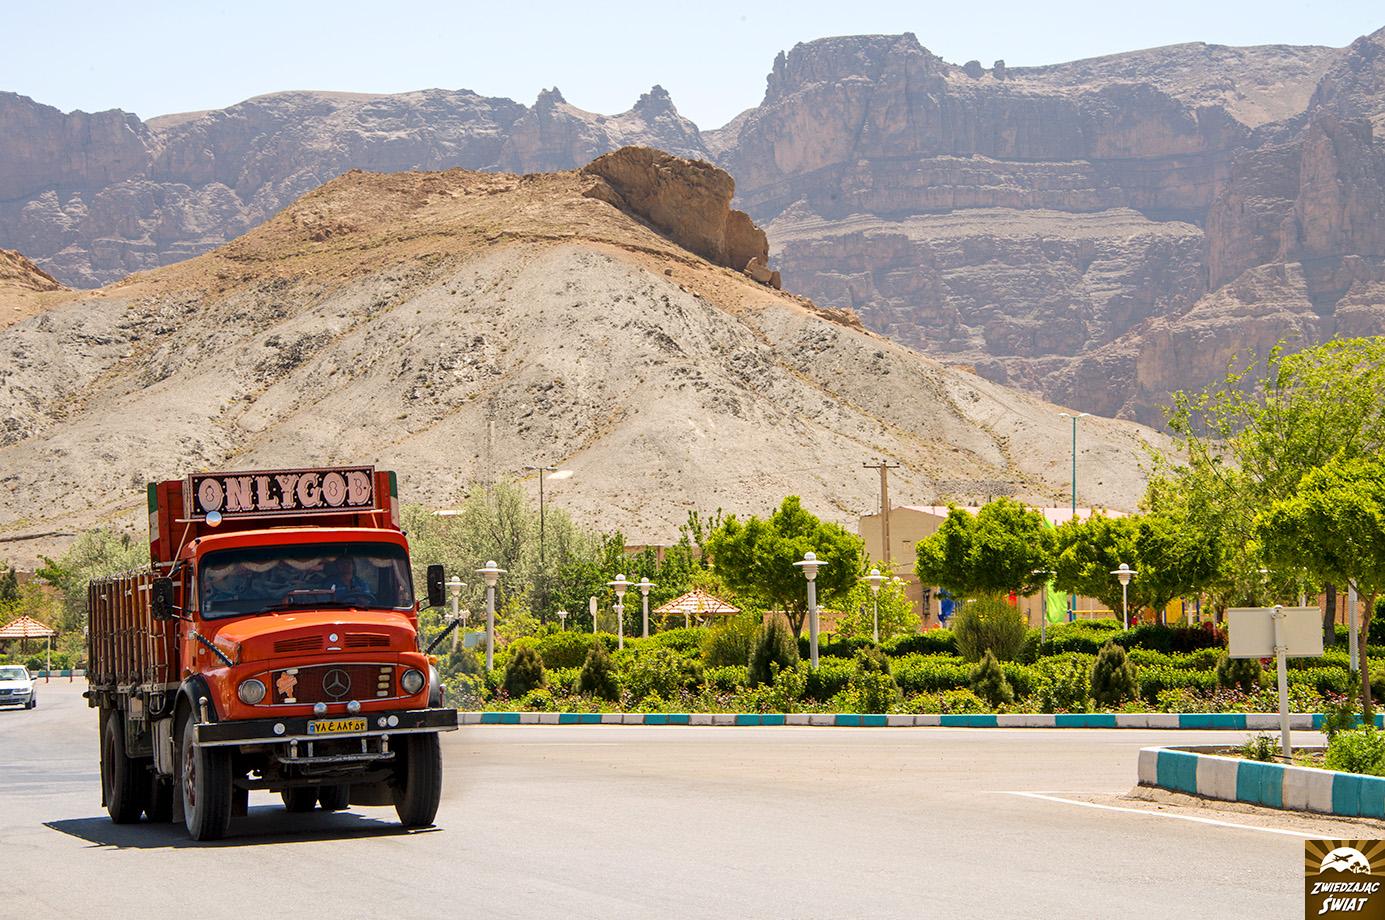 okolica Jazd, Iran